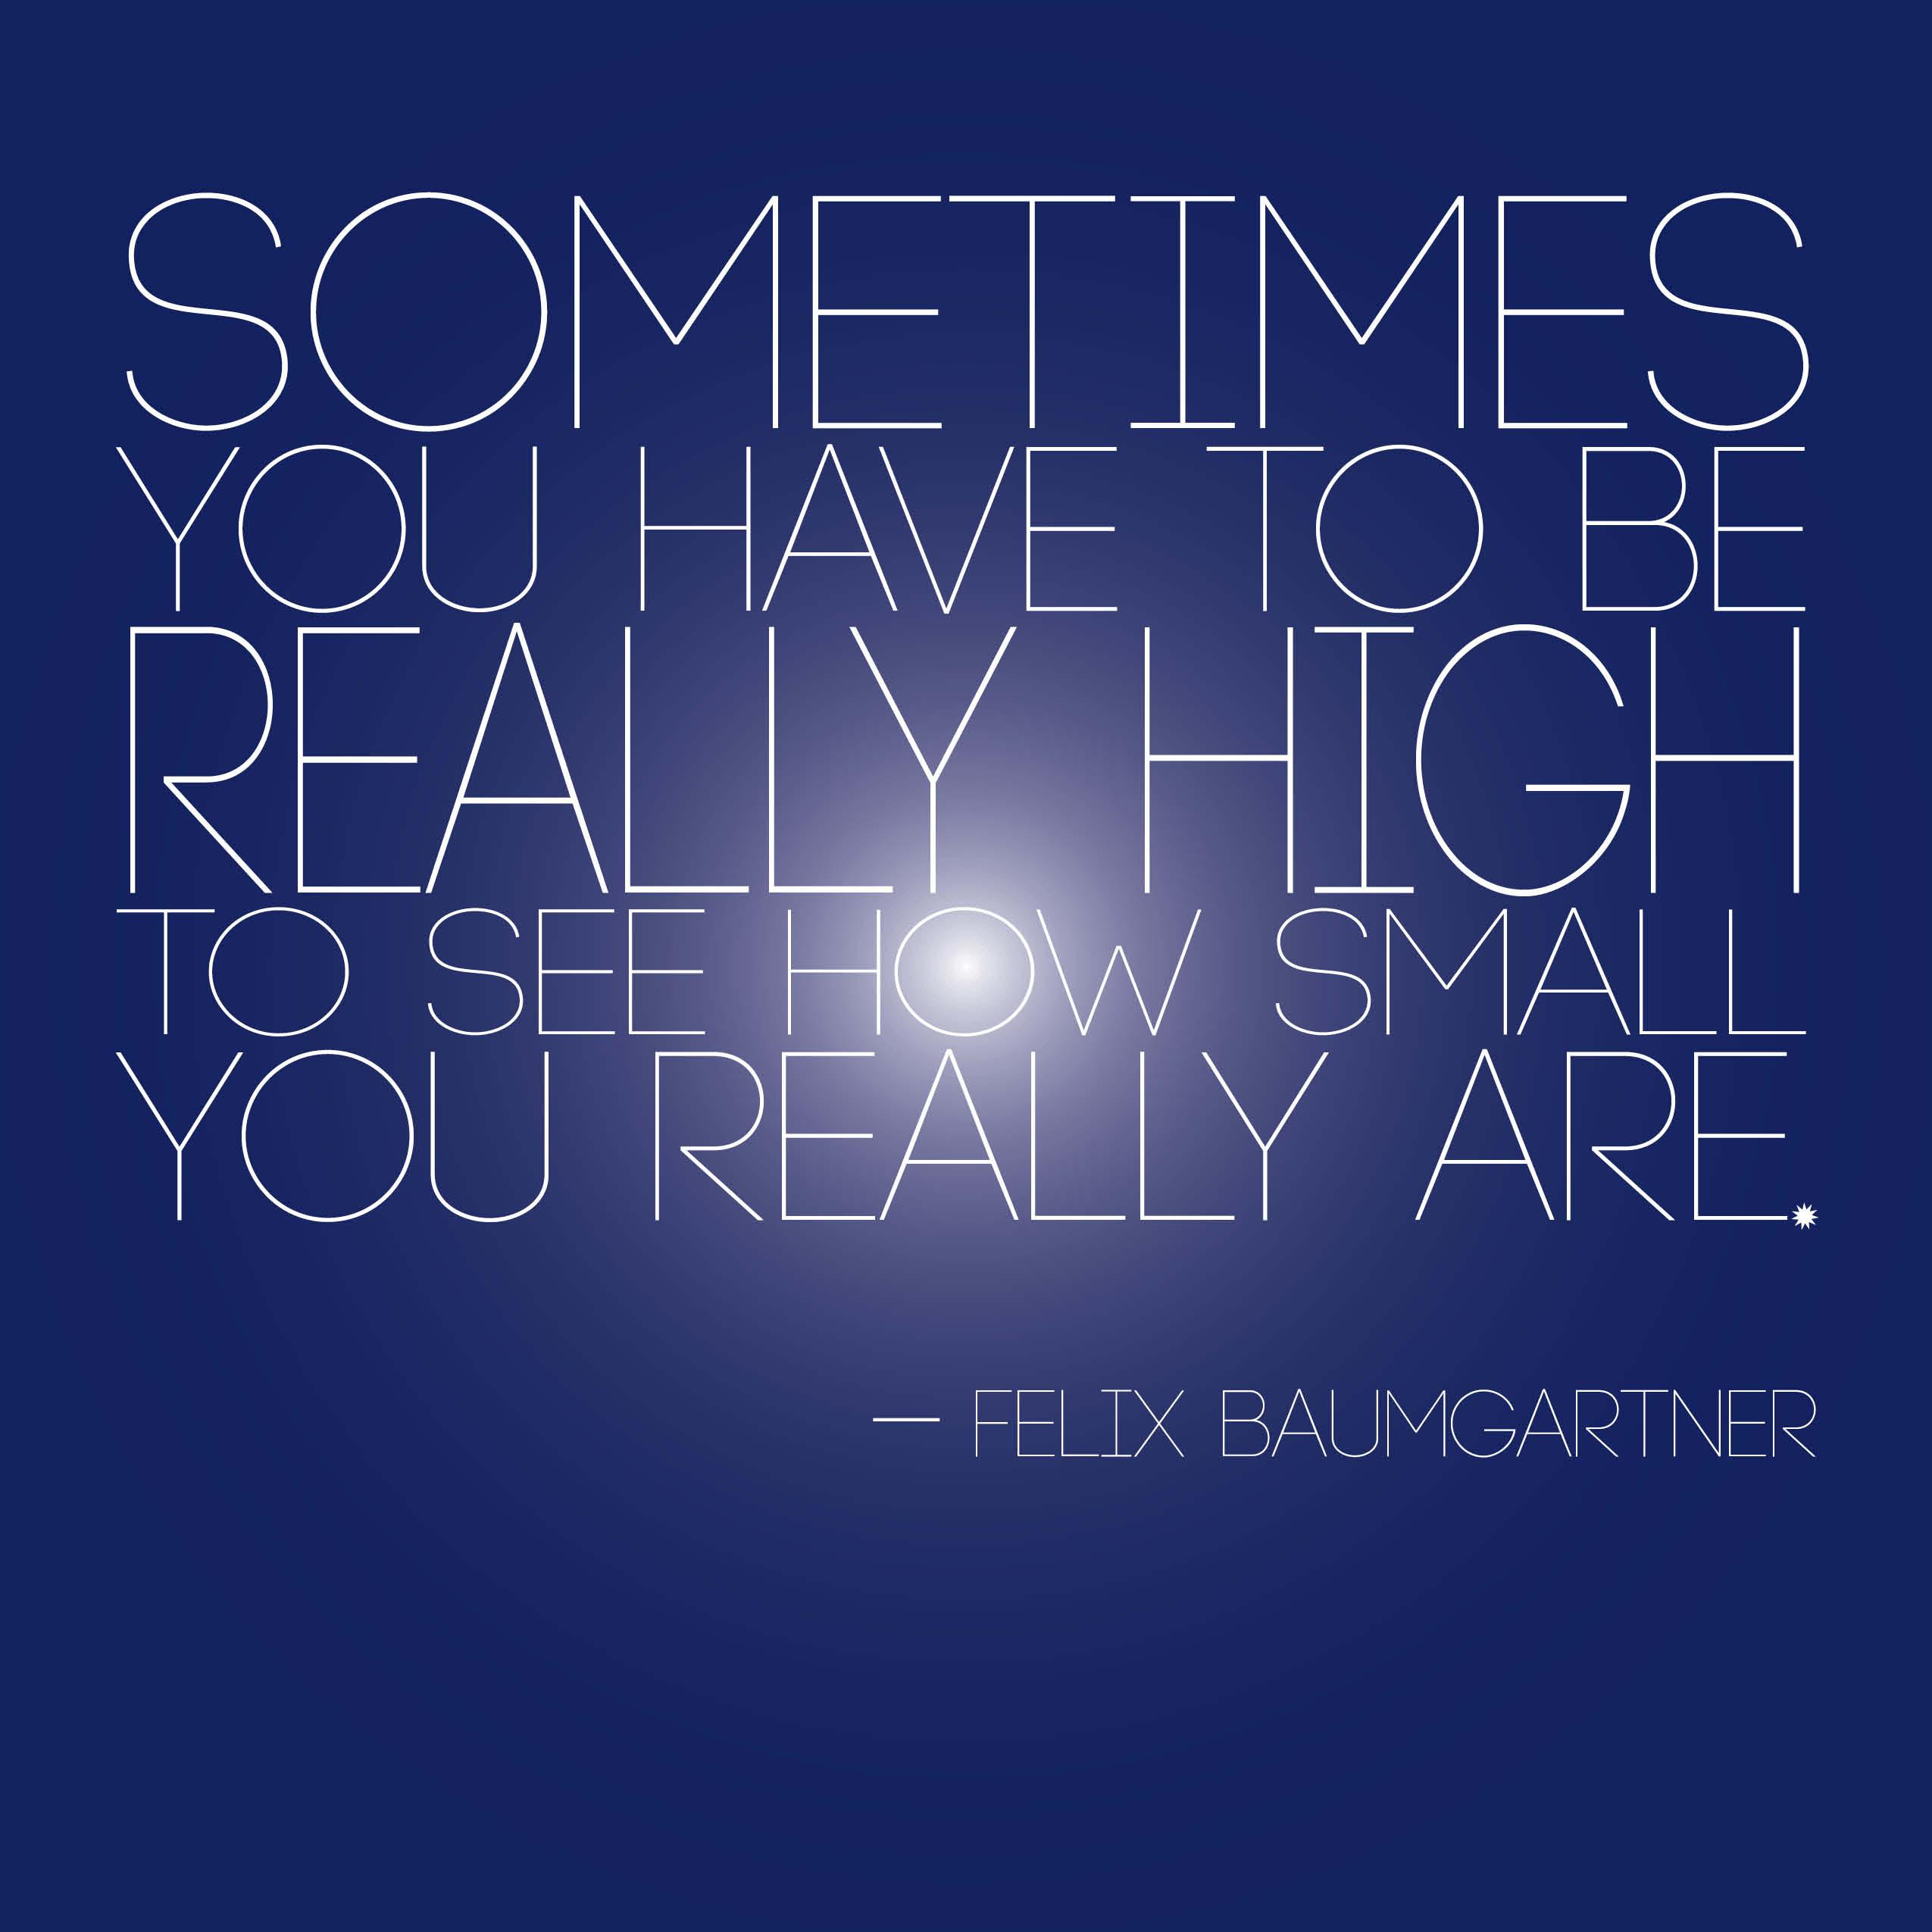 Felix Baumgartner's quote #2